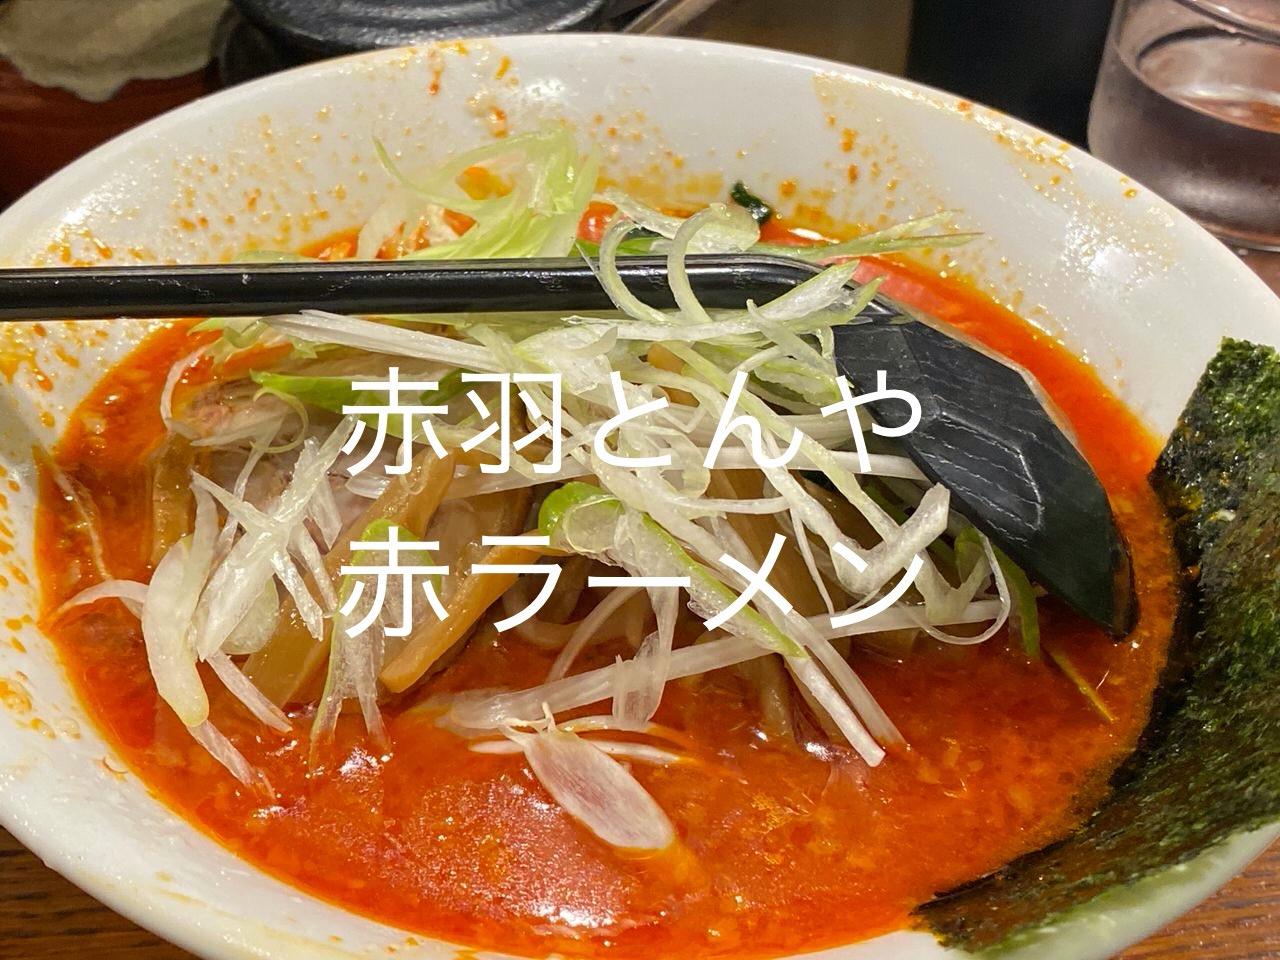 「赤羽とんや」真っ赤なスープの赤ラーメンが旨いんだけどその美味さをうまく伝えられない